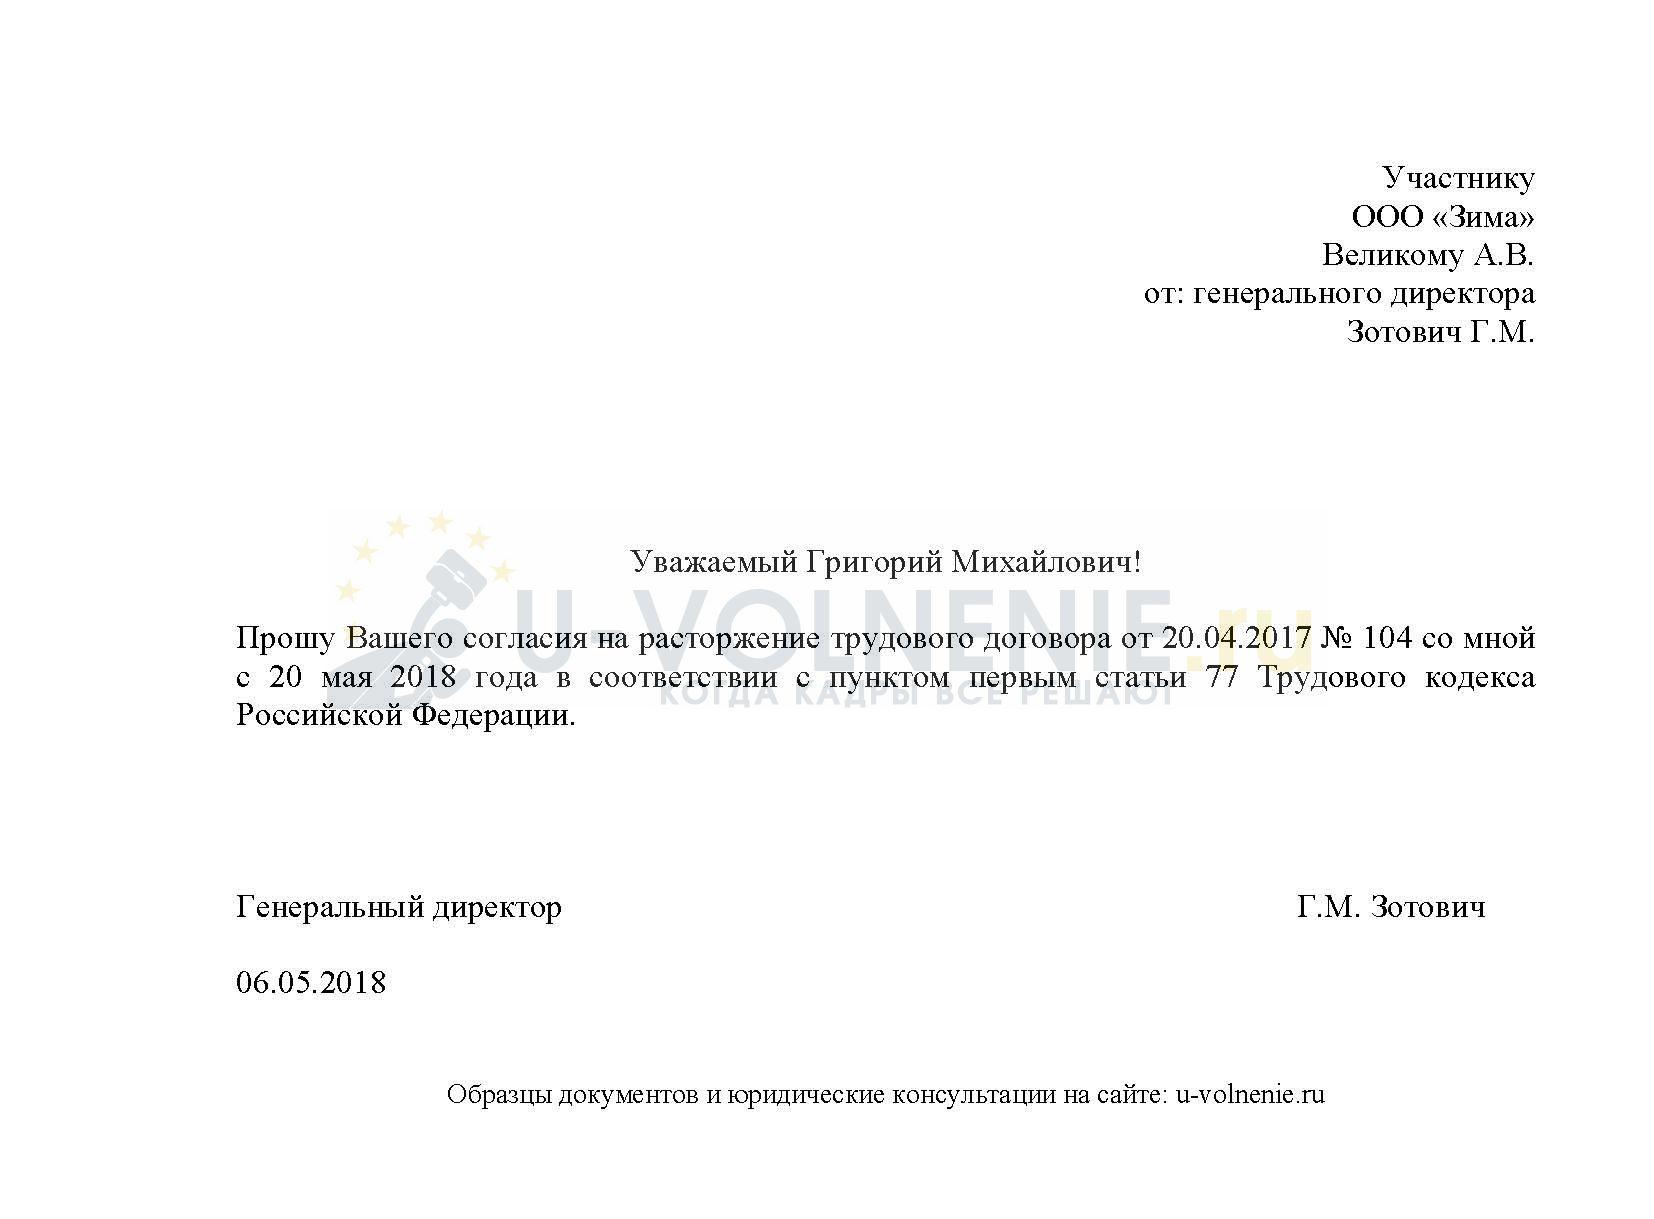 Образец предложения о расторжении трудового договора по соглашению руководителем участнику ООО